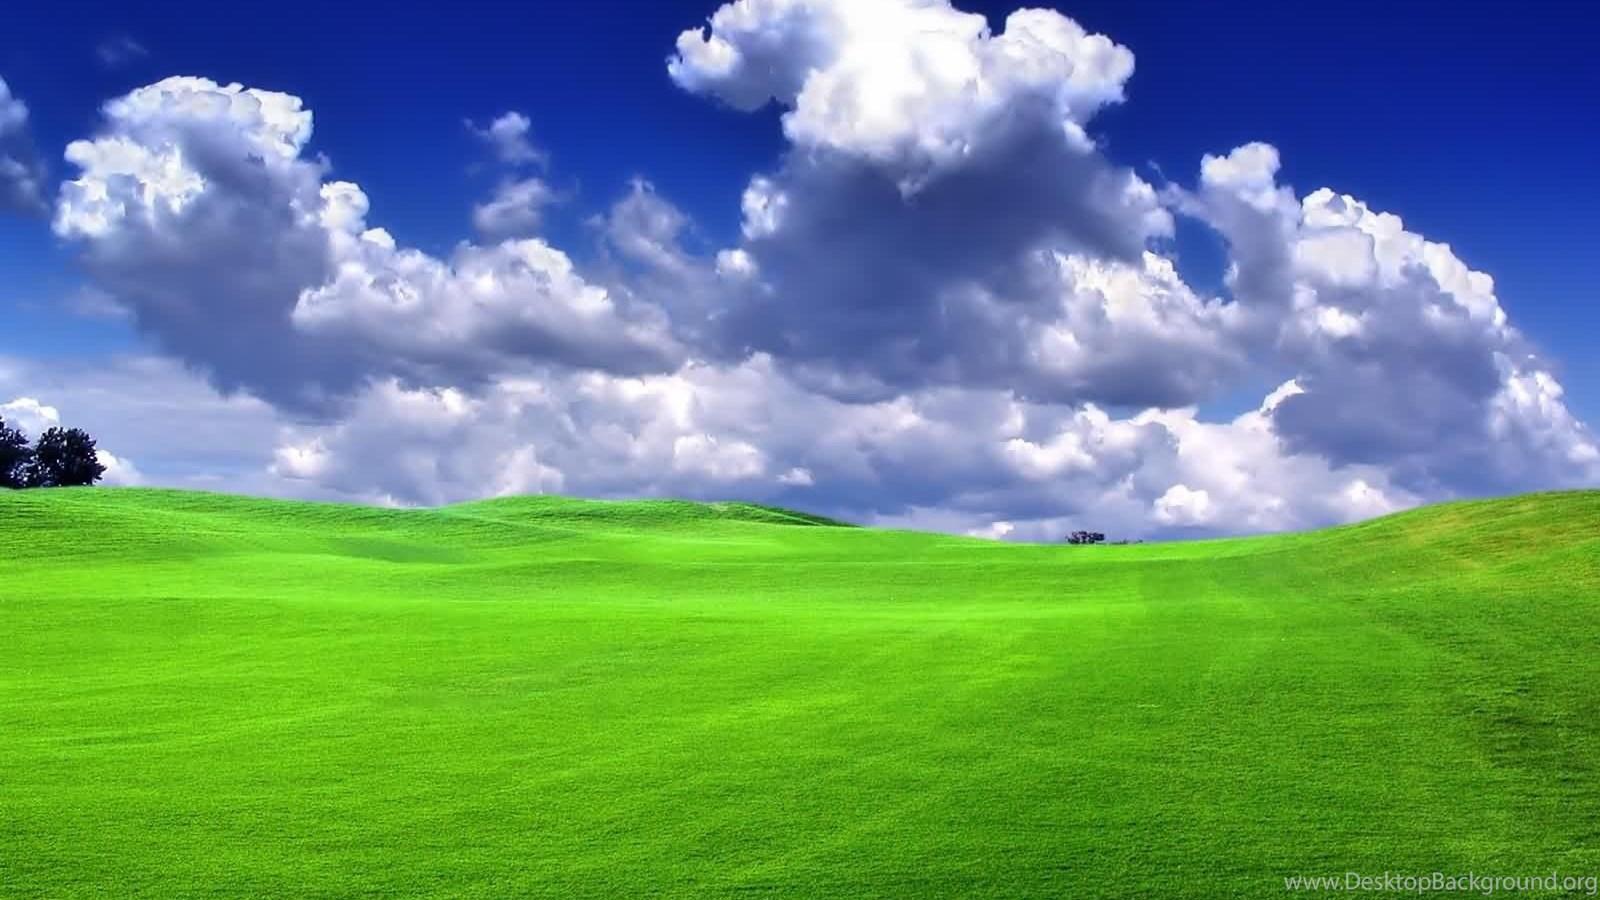 Natural Design Landscaping Wallpapers HD Desktop Background